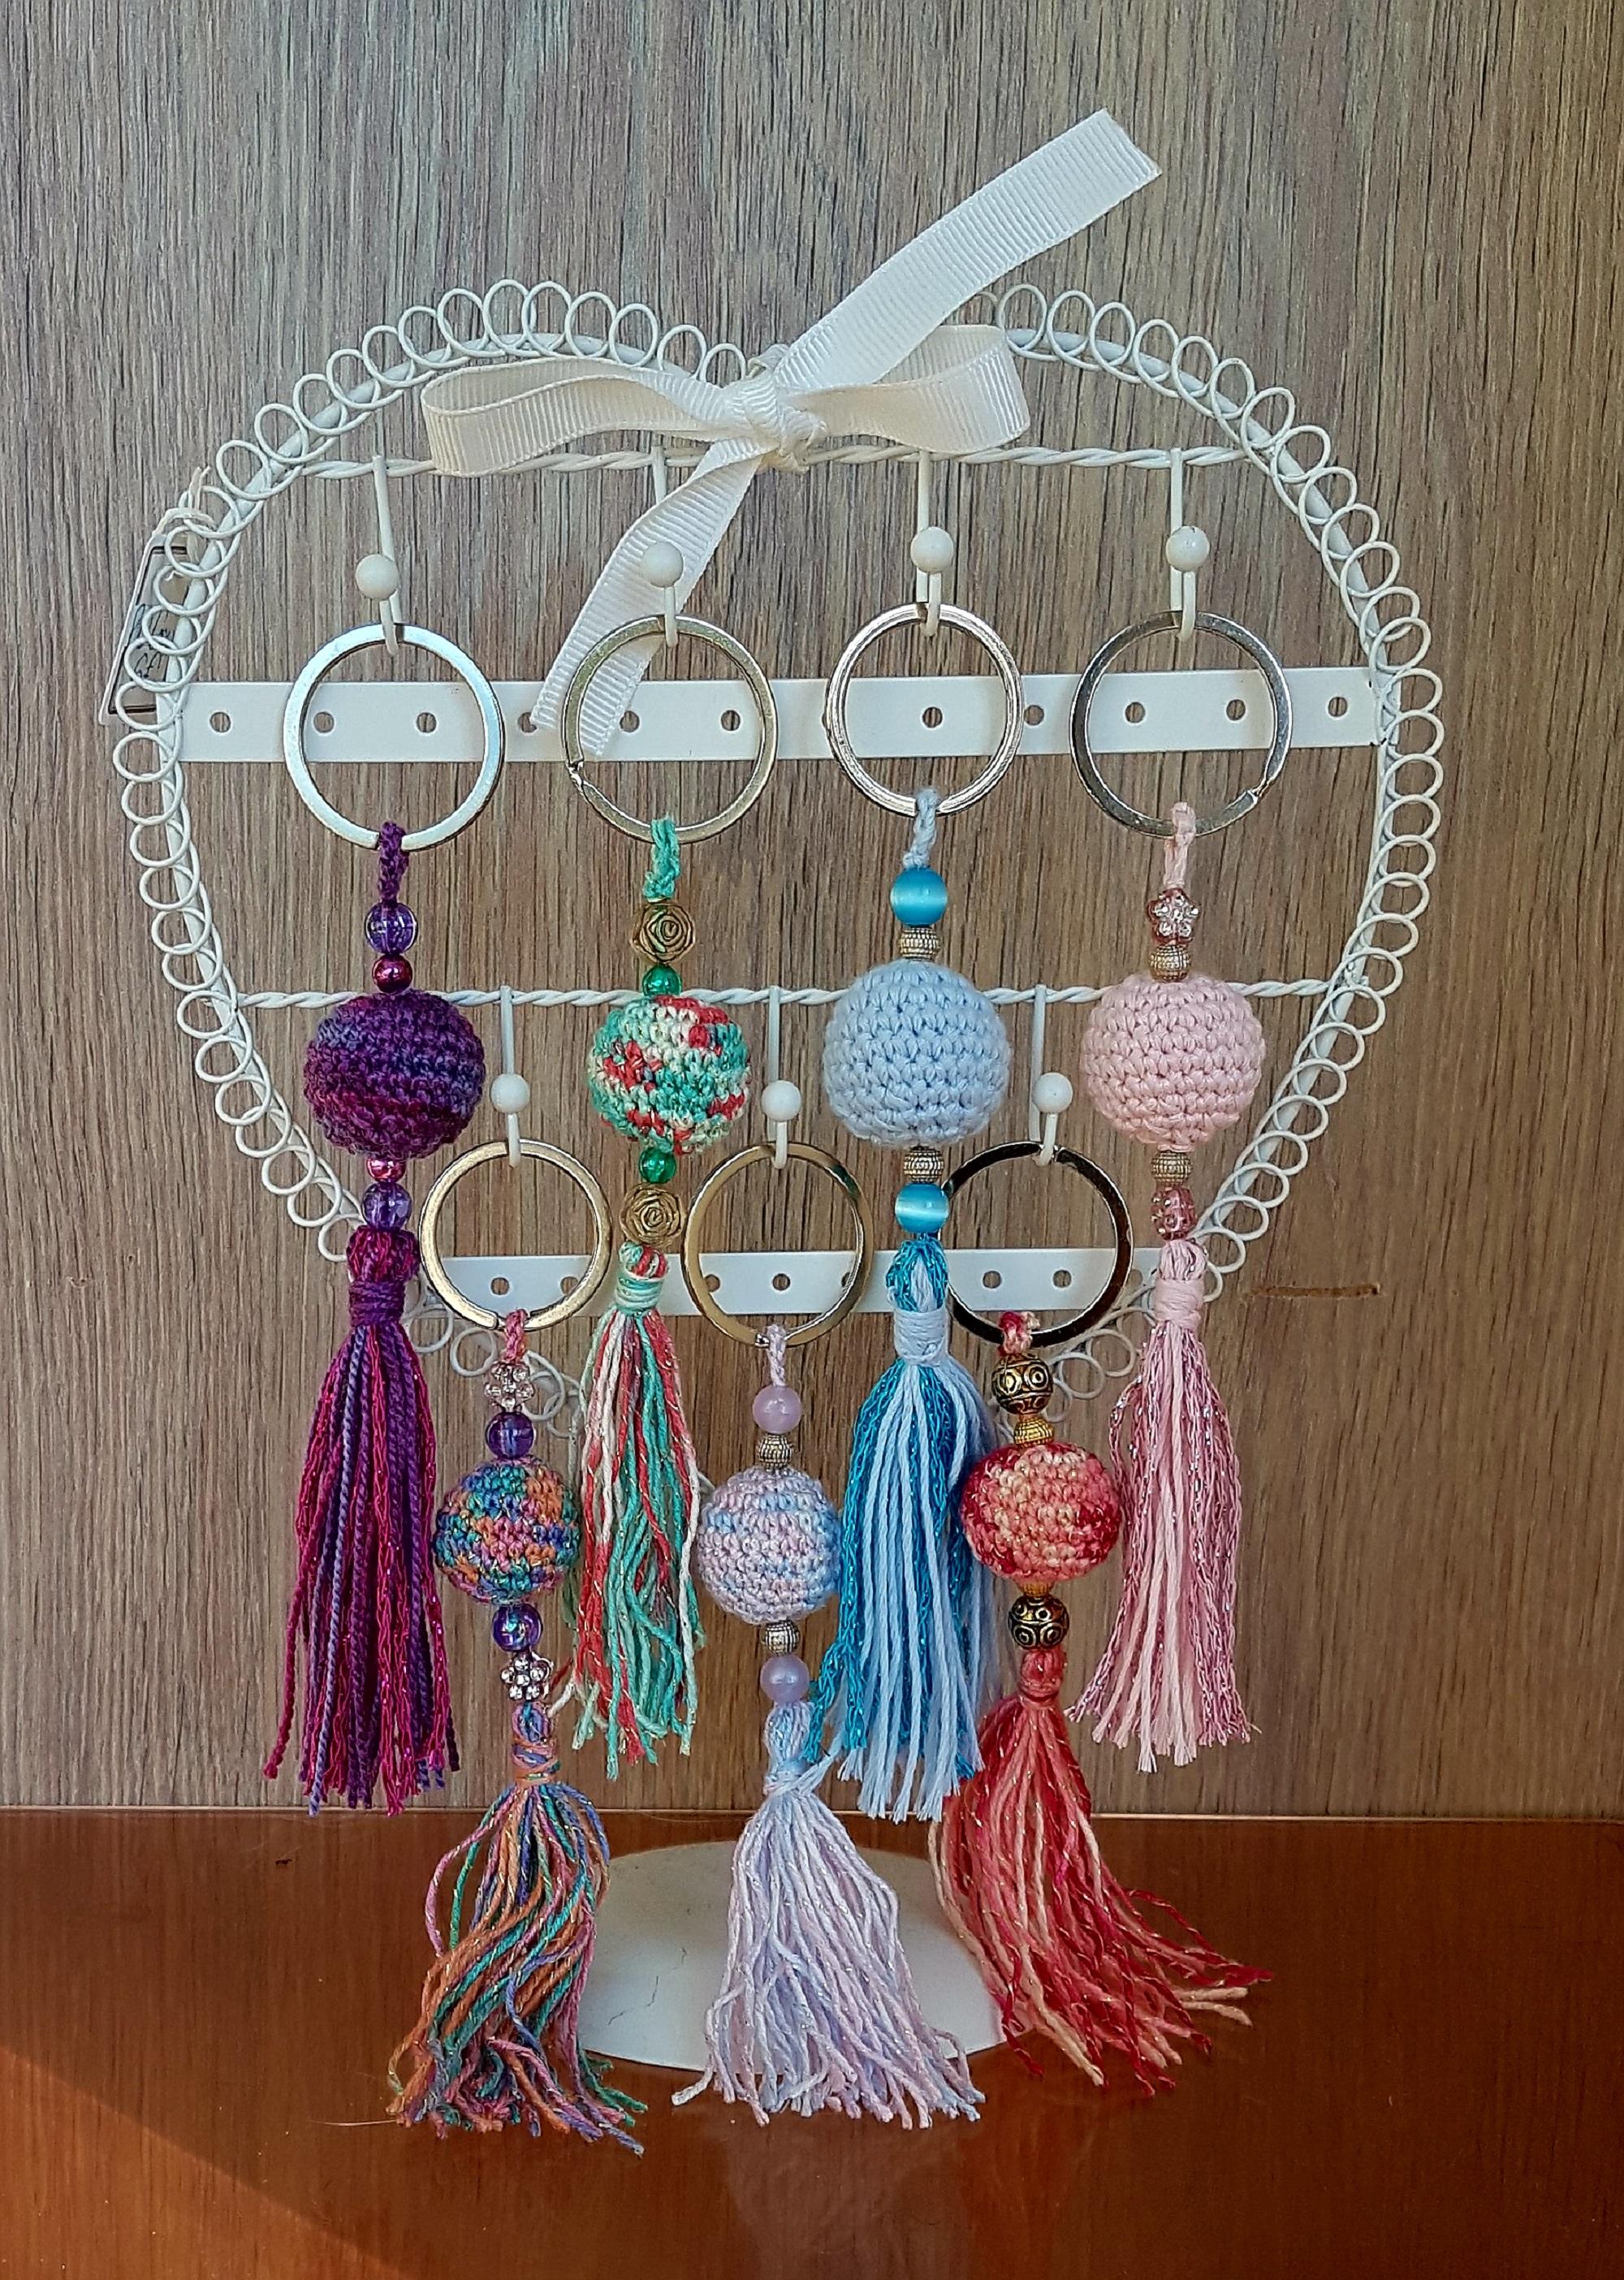 Porte cl s boule au crochet accessoires femme par lejardinsecretdangele - Porte cle crochet ...